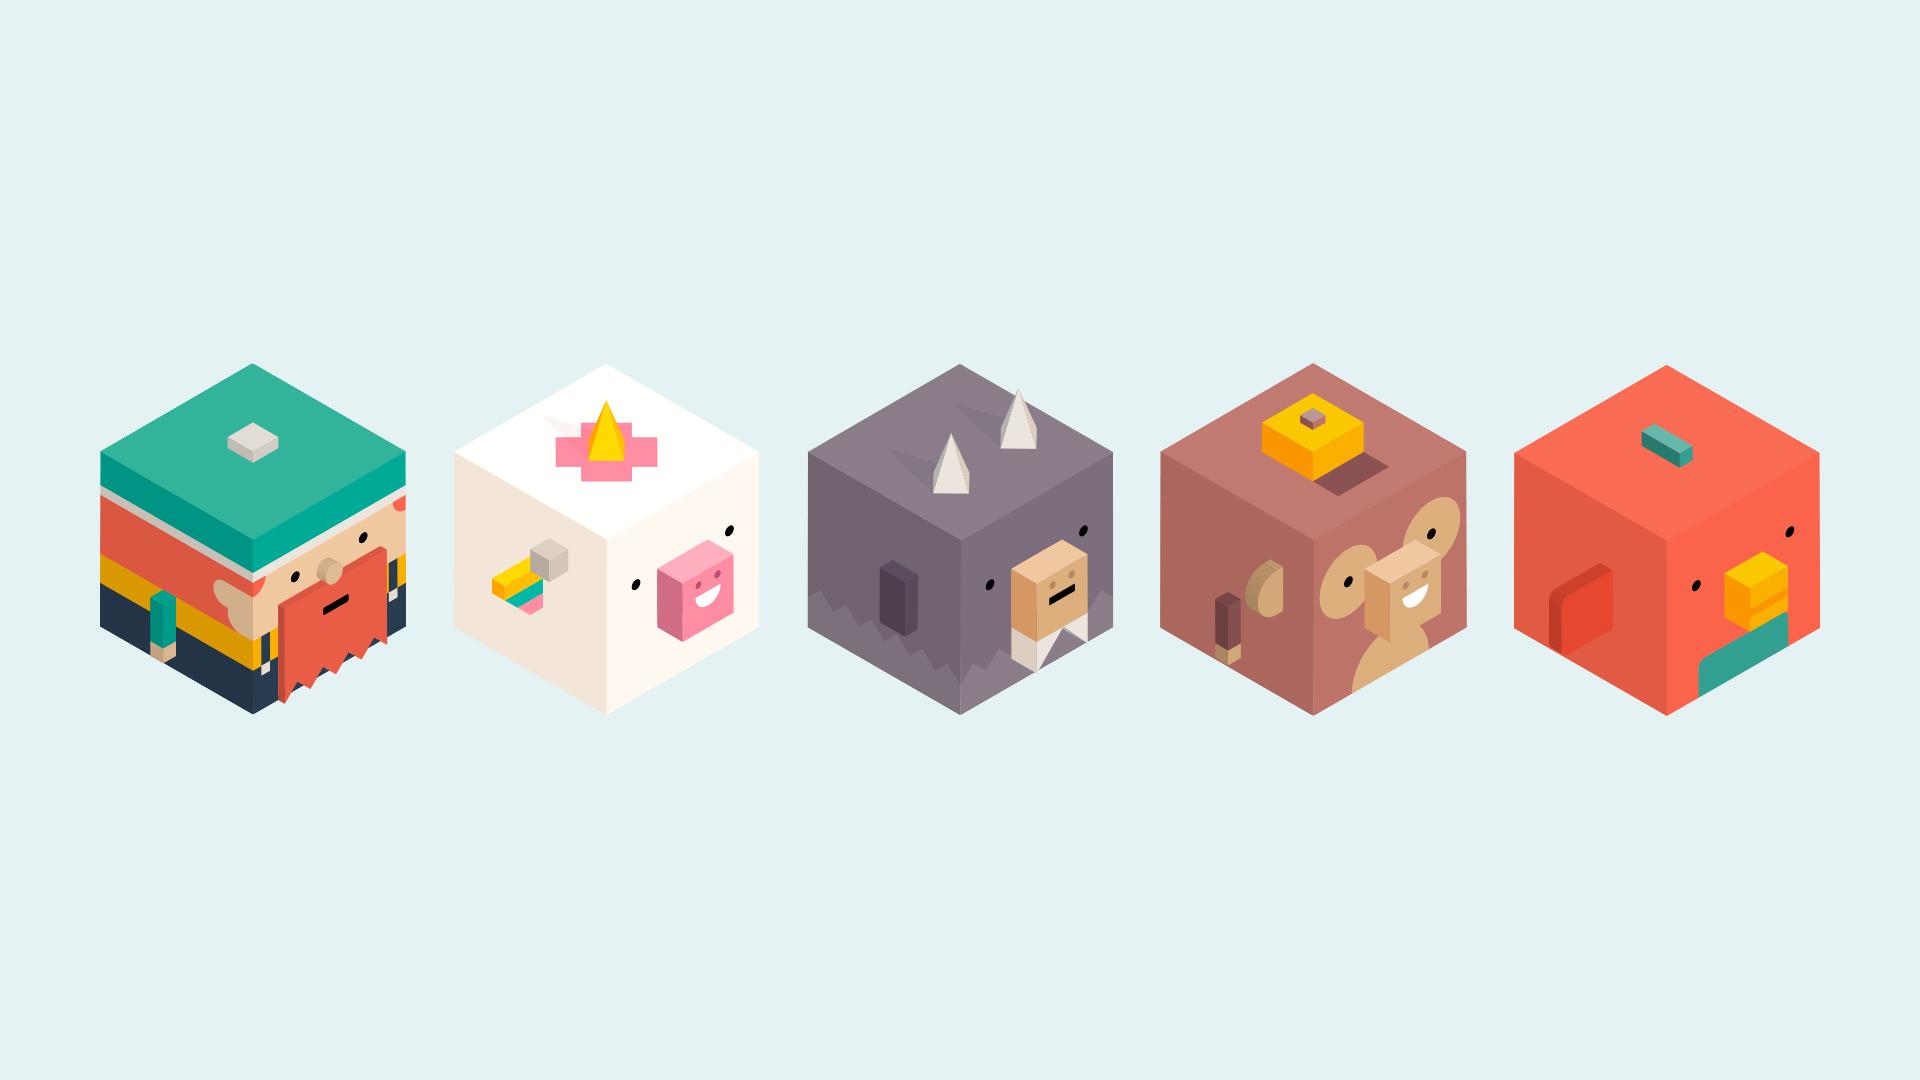 Adventure_Steve_characters.jpg